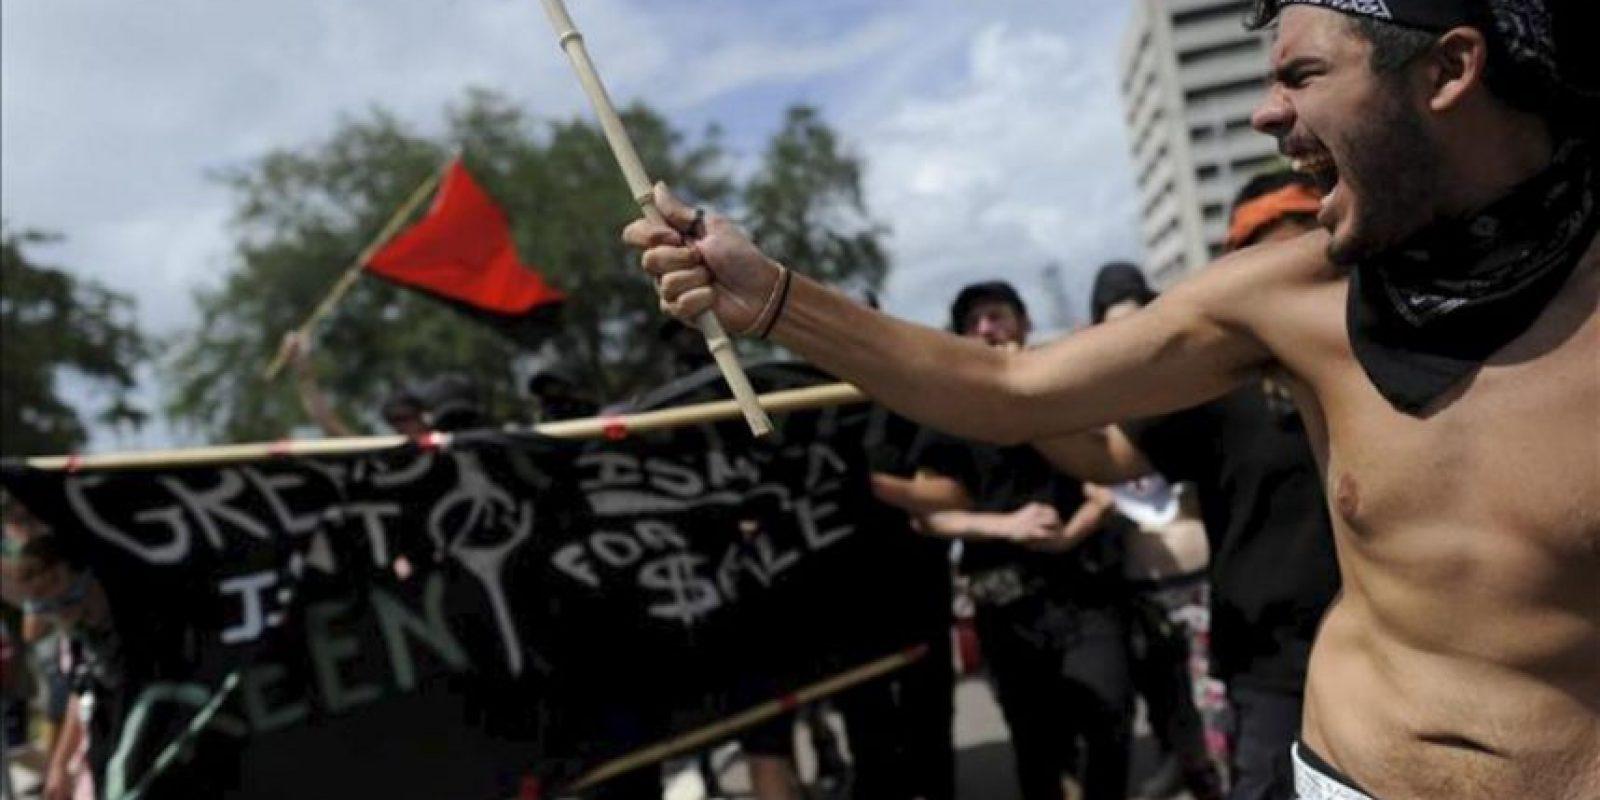 Manifestantes, muchos vestidos a la forma de bloque negro, se dirigen hacia una concentración de miembros de la Comunidad Baptista Westboro el pasado 28 de agosto, afuera de donde se celebra la Convención Nacional Republicana en Tampa, Florida (EE.UU.). EFE